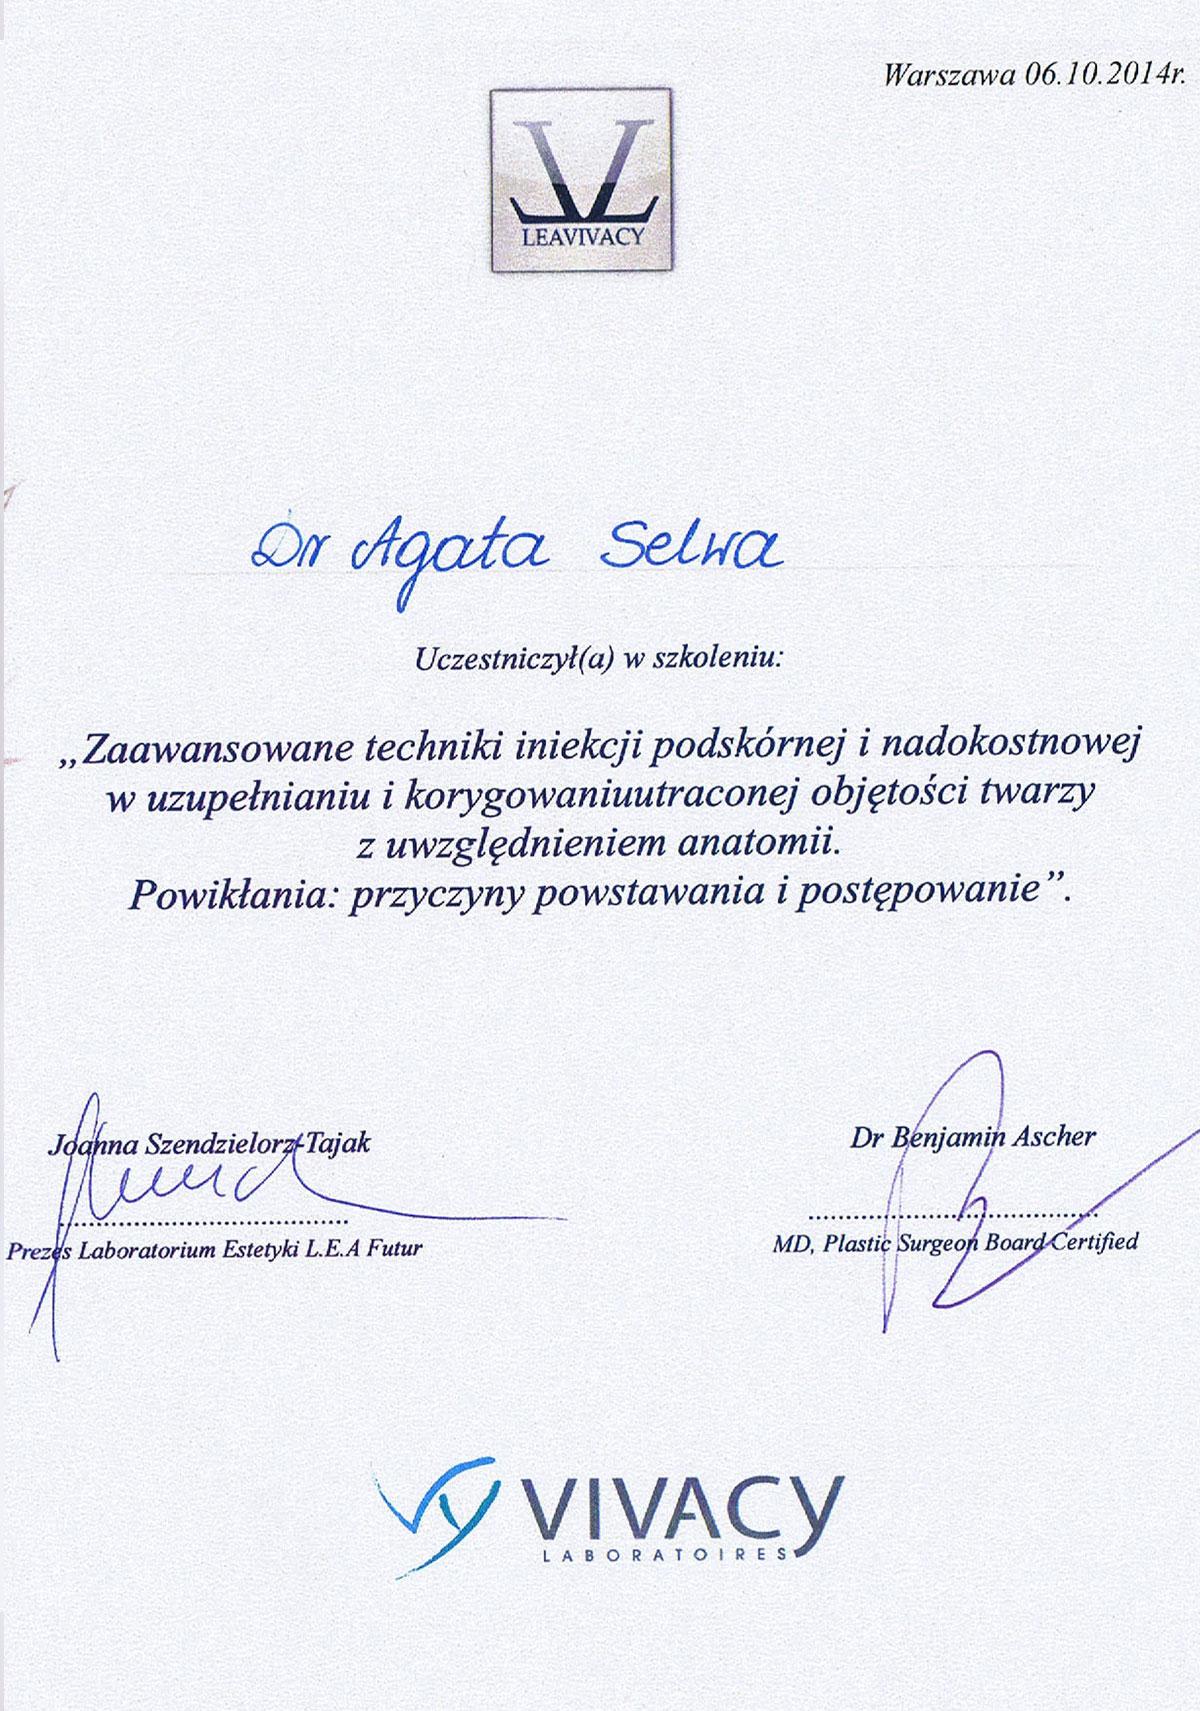 certyfikat17 - O MNIE